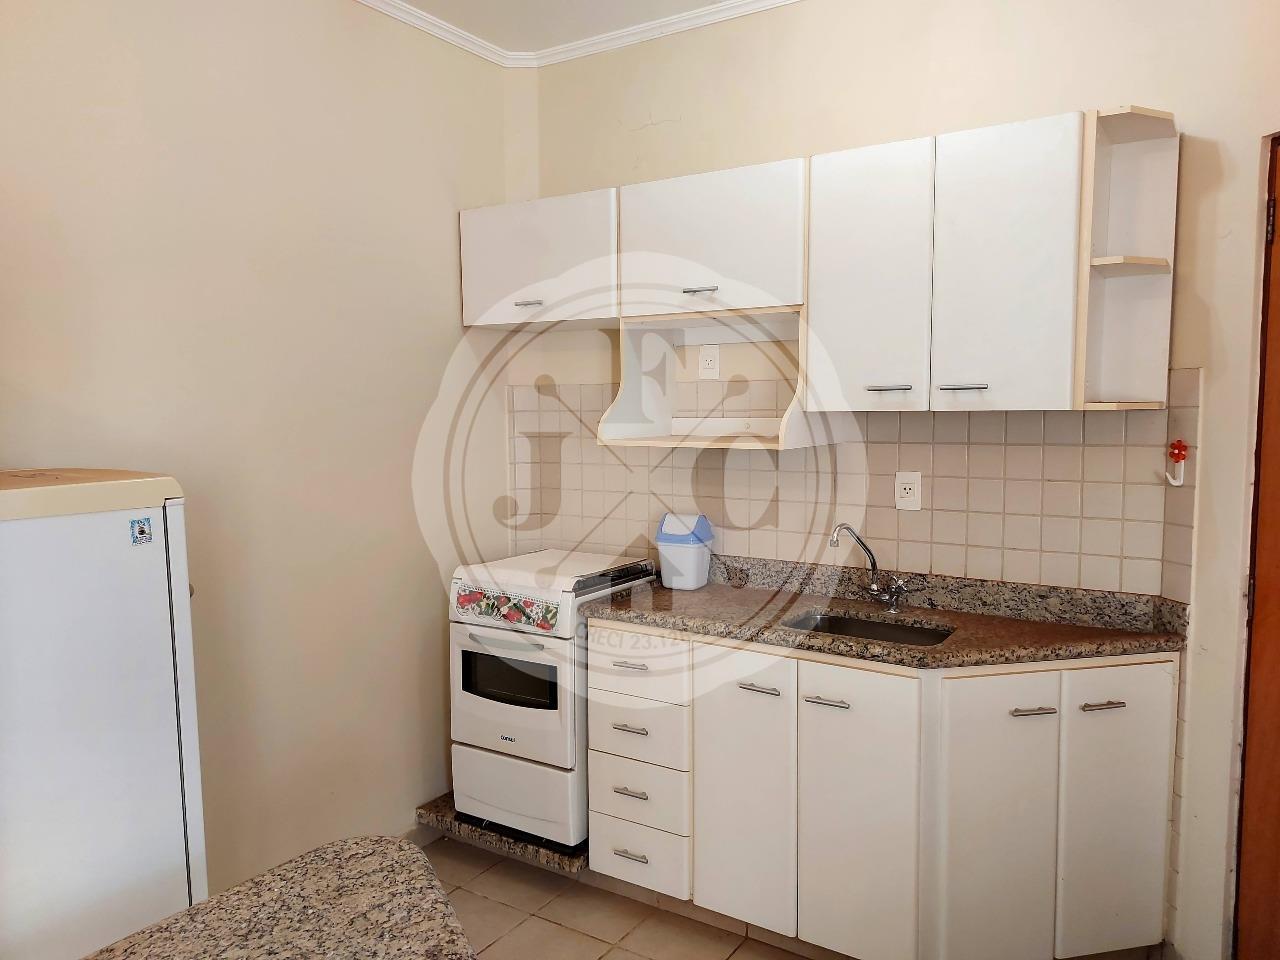 Kitnet para aluguel no Vila Amélia: Cozinha